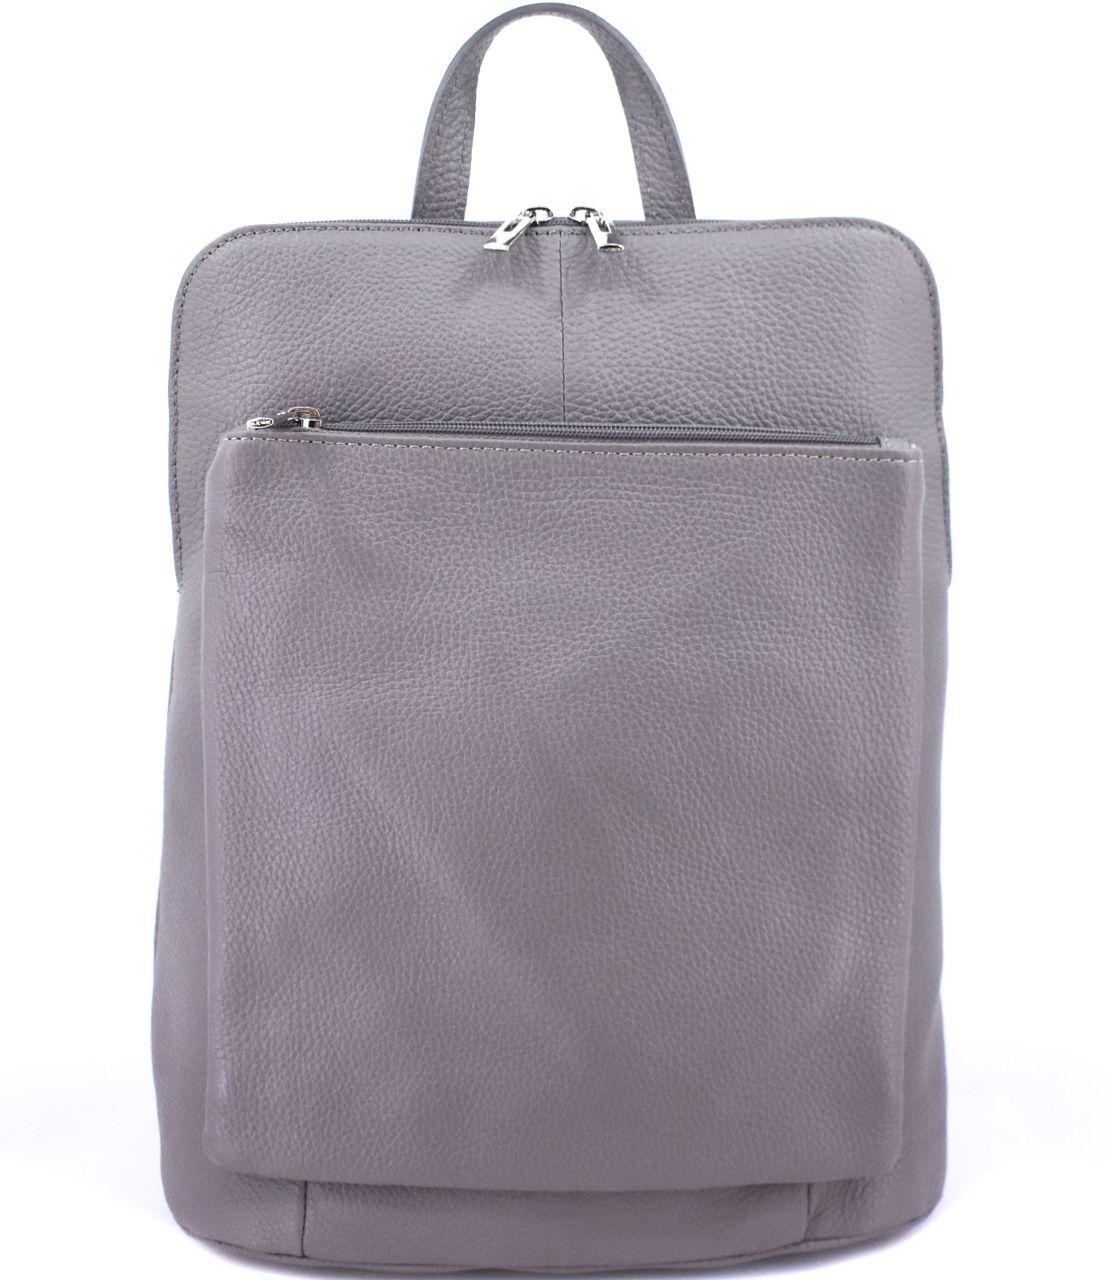 Dámský kožený batoh a kabelka v jednom / Arteddy - šedá 36933